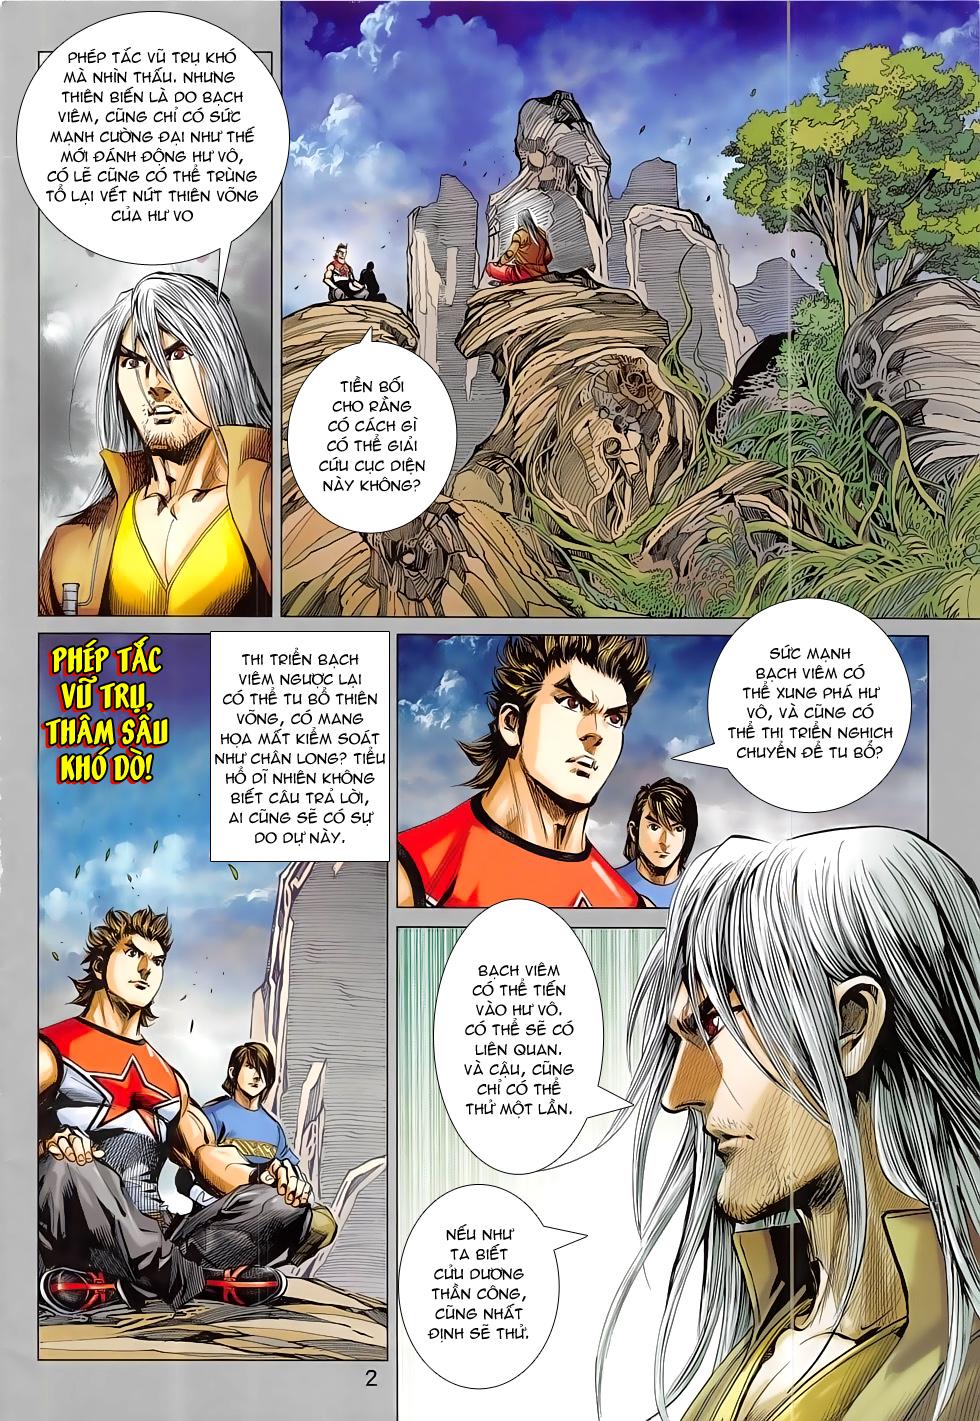 Đông Phương Chân Long chap 64 - Trang 2